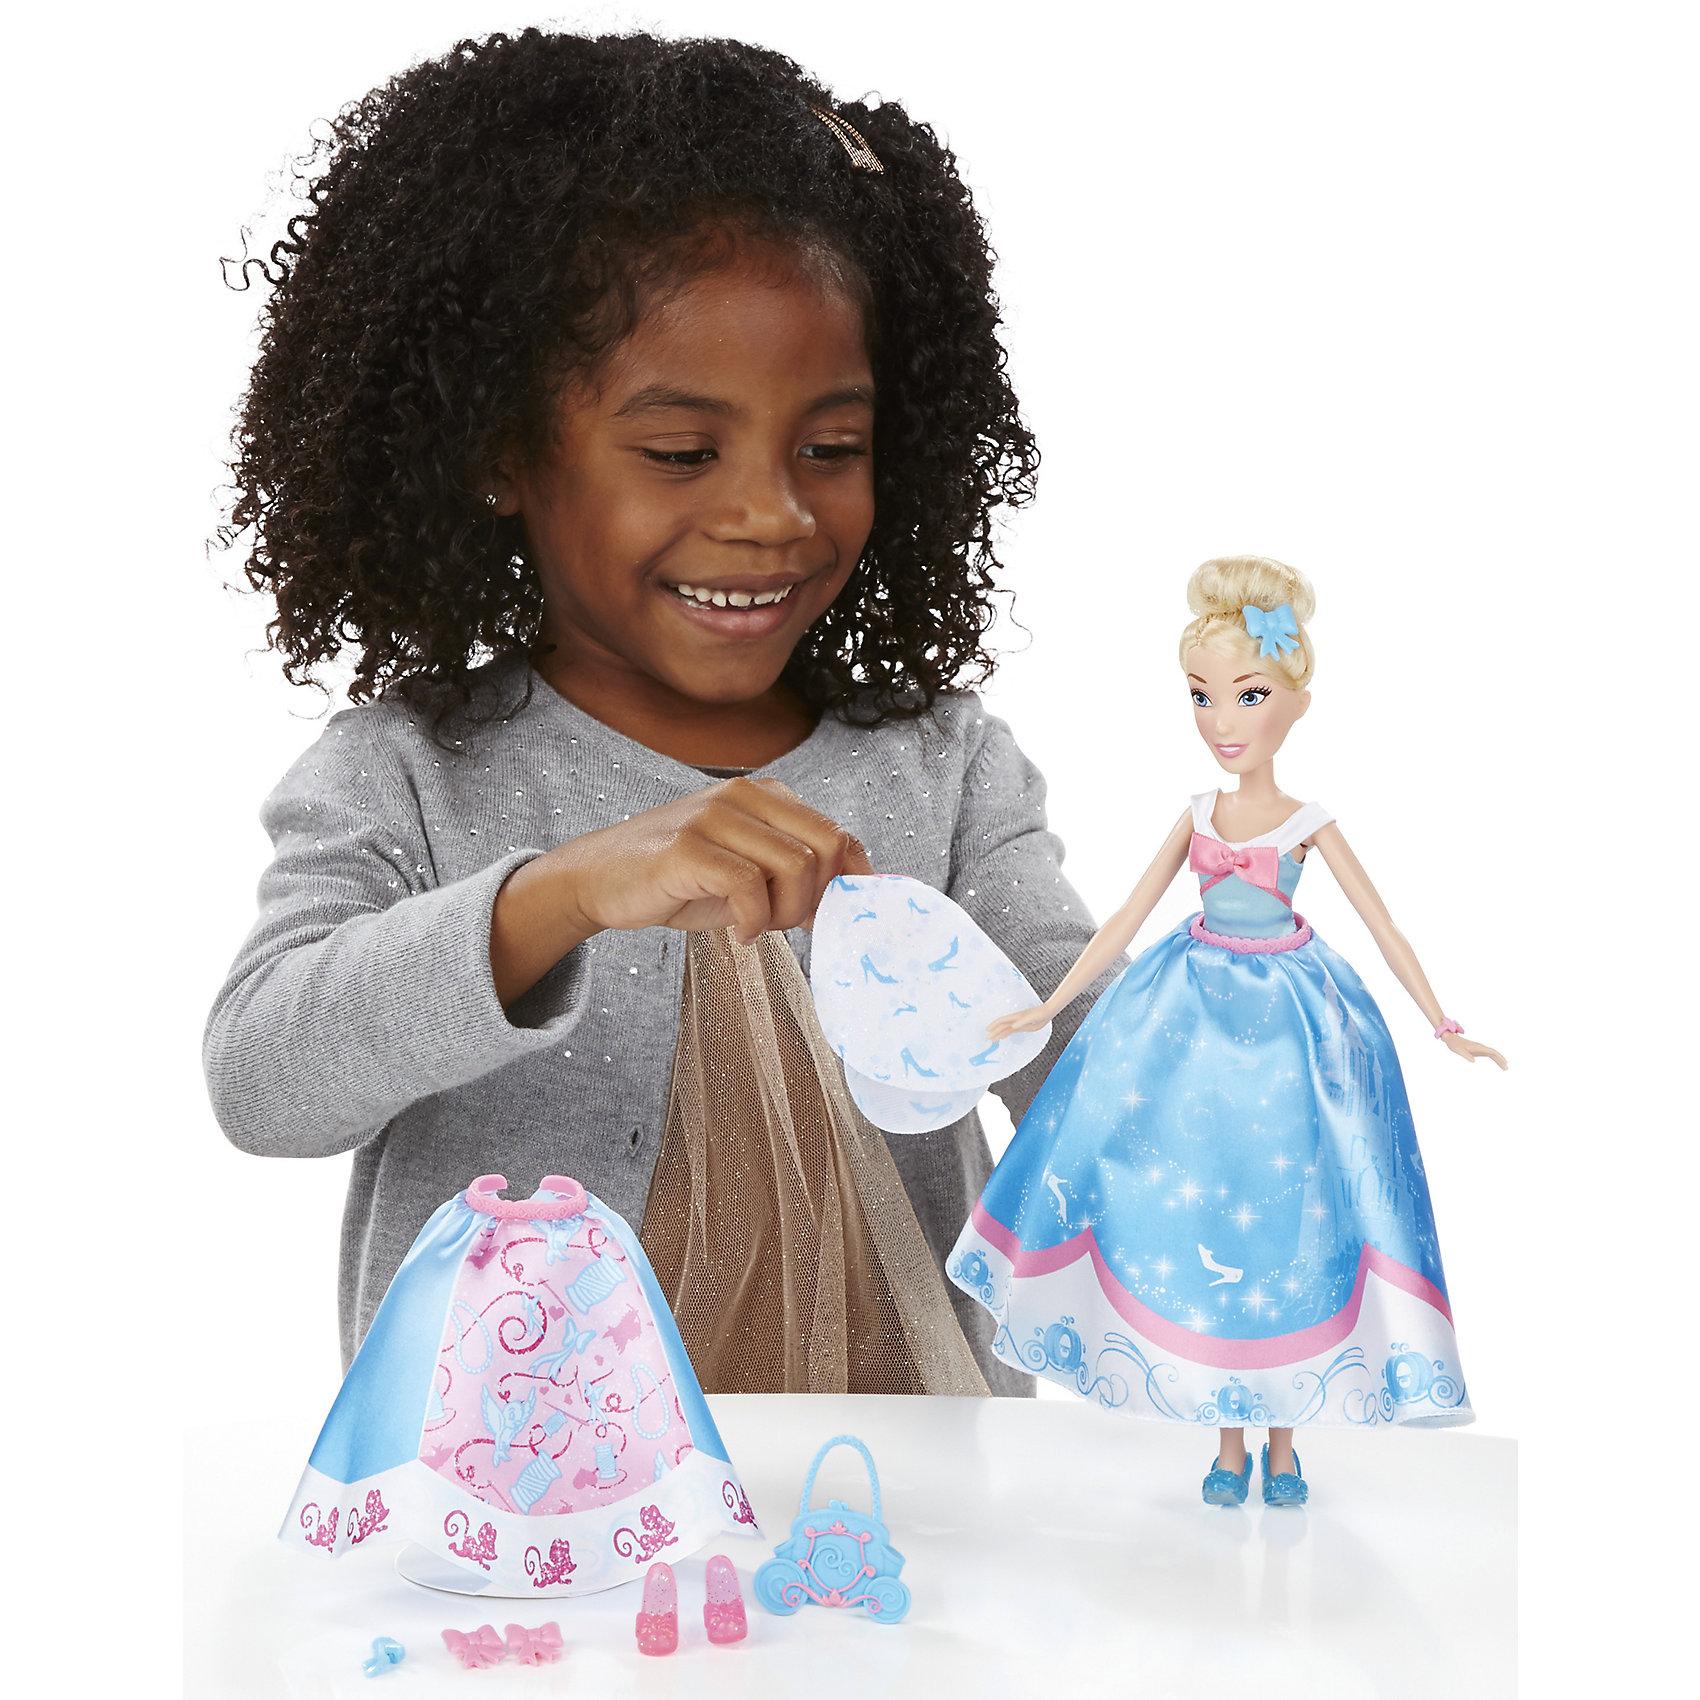 Кукла Золушка в  платье со сменными юбками, Принцессы Дисней, B5312/B5314Кукла Золушка в платье со сменными юбками, Принцессы Дисней, B5312/B5314.<br><br>Характеристики:<br><br>- В наборе: кукла; 3 текстильные юбки, которые можно прикреплять к платью; 4 клипсы в виде бантов и цветов для украшения наряда; ободок, сумочка, дополнительная пара туфель<br>- Высота куклы: 28 см.<br>- Материал: высококачественный пластик, текстиль<br>- Размер упаковки: 16,5х6,4х35,6 см.<br>- Вес упаковки: 197 г.<br><br>Очаровательная кукла в виде Золушки, героини одноименного мультфильма от торговой марки Hasbro (Хасбро) станет любимой игрушкой вашей маленькой принцессы. Она изготовлена из прочного пластика, а ее одежда пошита из высококачественного текстиля. Кукла имеет высокую степень детализации, даже самые мелкие детали качественно прорисованы. Золушка одета в нежно-голубое платье и носит красивую сумочку. Локоны принцессы собраны в элегантный пучок. Дополнительные юбки, украшения и туфли, входящие в комплект, разнообразят гардероб Золушки. Девочка сможет сочетать различные юбки и декорировать наряд куклы аксессуарами, чтобы создать неповторимый наряд для принцессы. С замечательной куклой ваша малышка окунется в сказочный мир, и будет придумывать увлекательные истории про любимую героиню.<br><br>Куклу Золушка в платье со сменными юбками, Принцессы Дисней, B5312/B5314 можно купить в нашем интернет-магазине.<br><br>Ширина мм: 64<br>Глубина мм: 165<br>Высота мм: 356<br>Вес г: 197<br>Возраст от месяцев: 36<br>Возраст до месяцев: 144<br>Пол: Женский<br>Возраст: Детский<br>SKU: 5064703